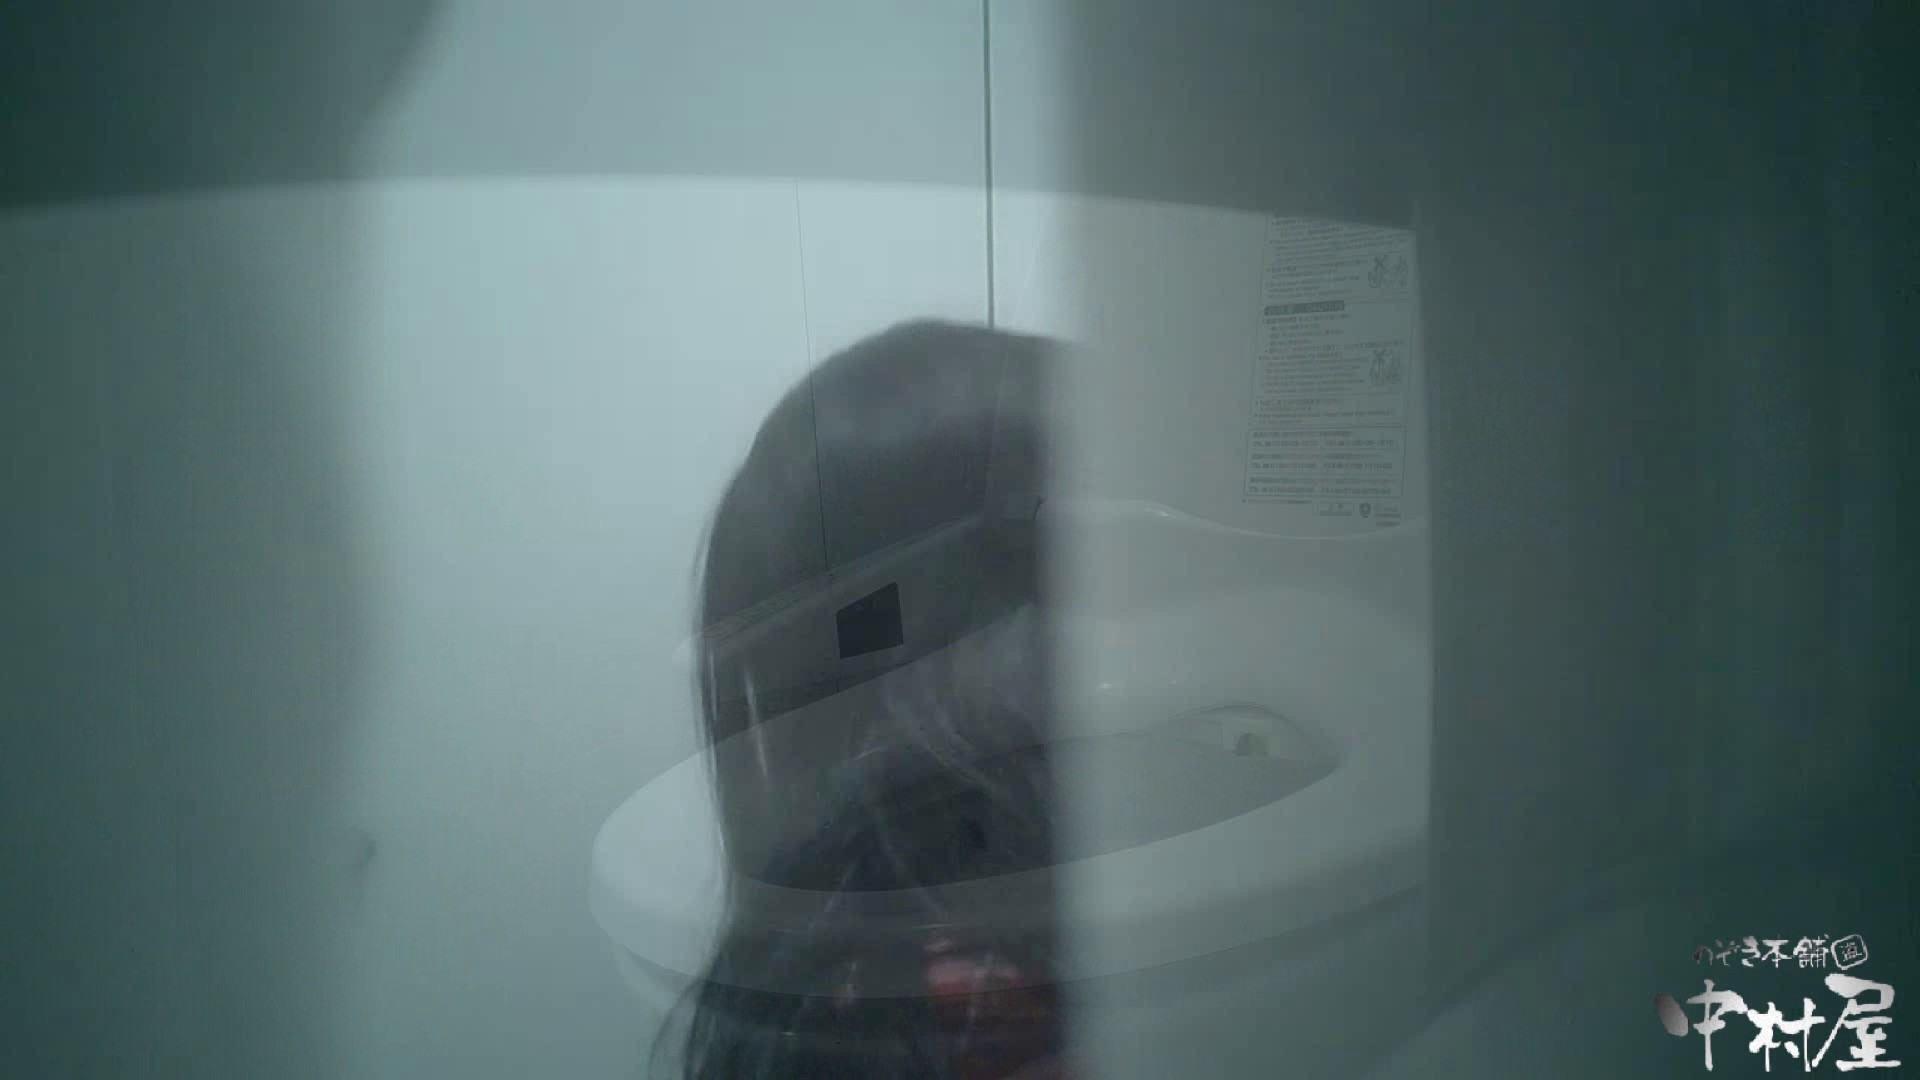 【某有名大学女性洗面所】有名大学女性洗面所 vol.43 いつみても神秘的な世界です。 和式 | 投稿  87pic 65